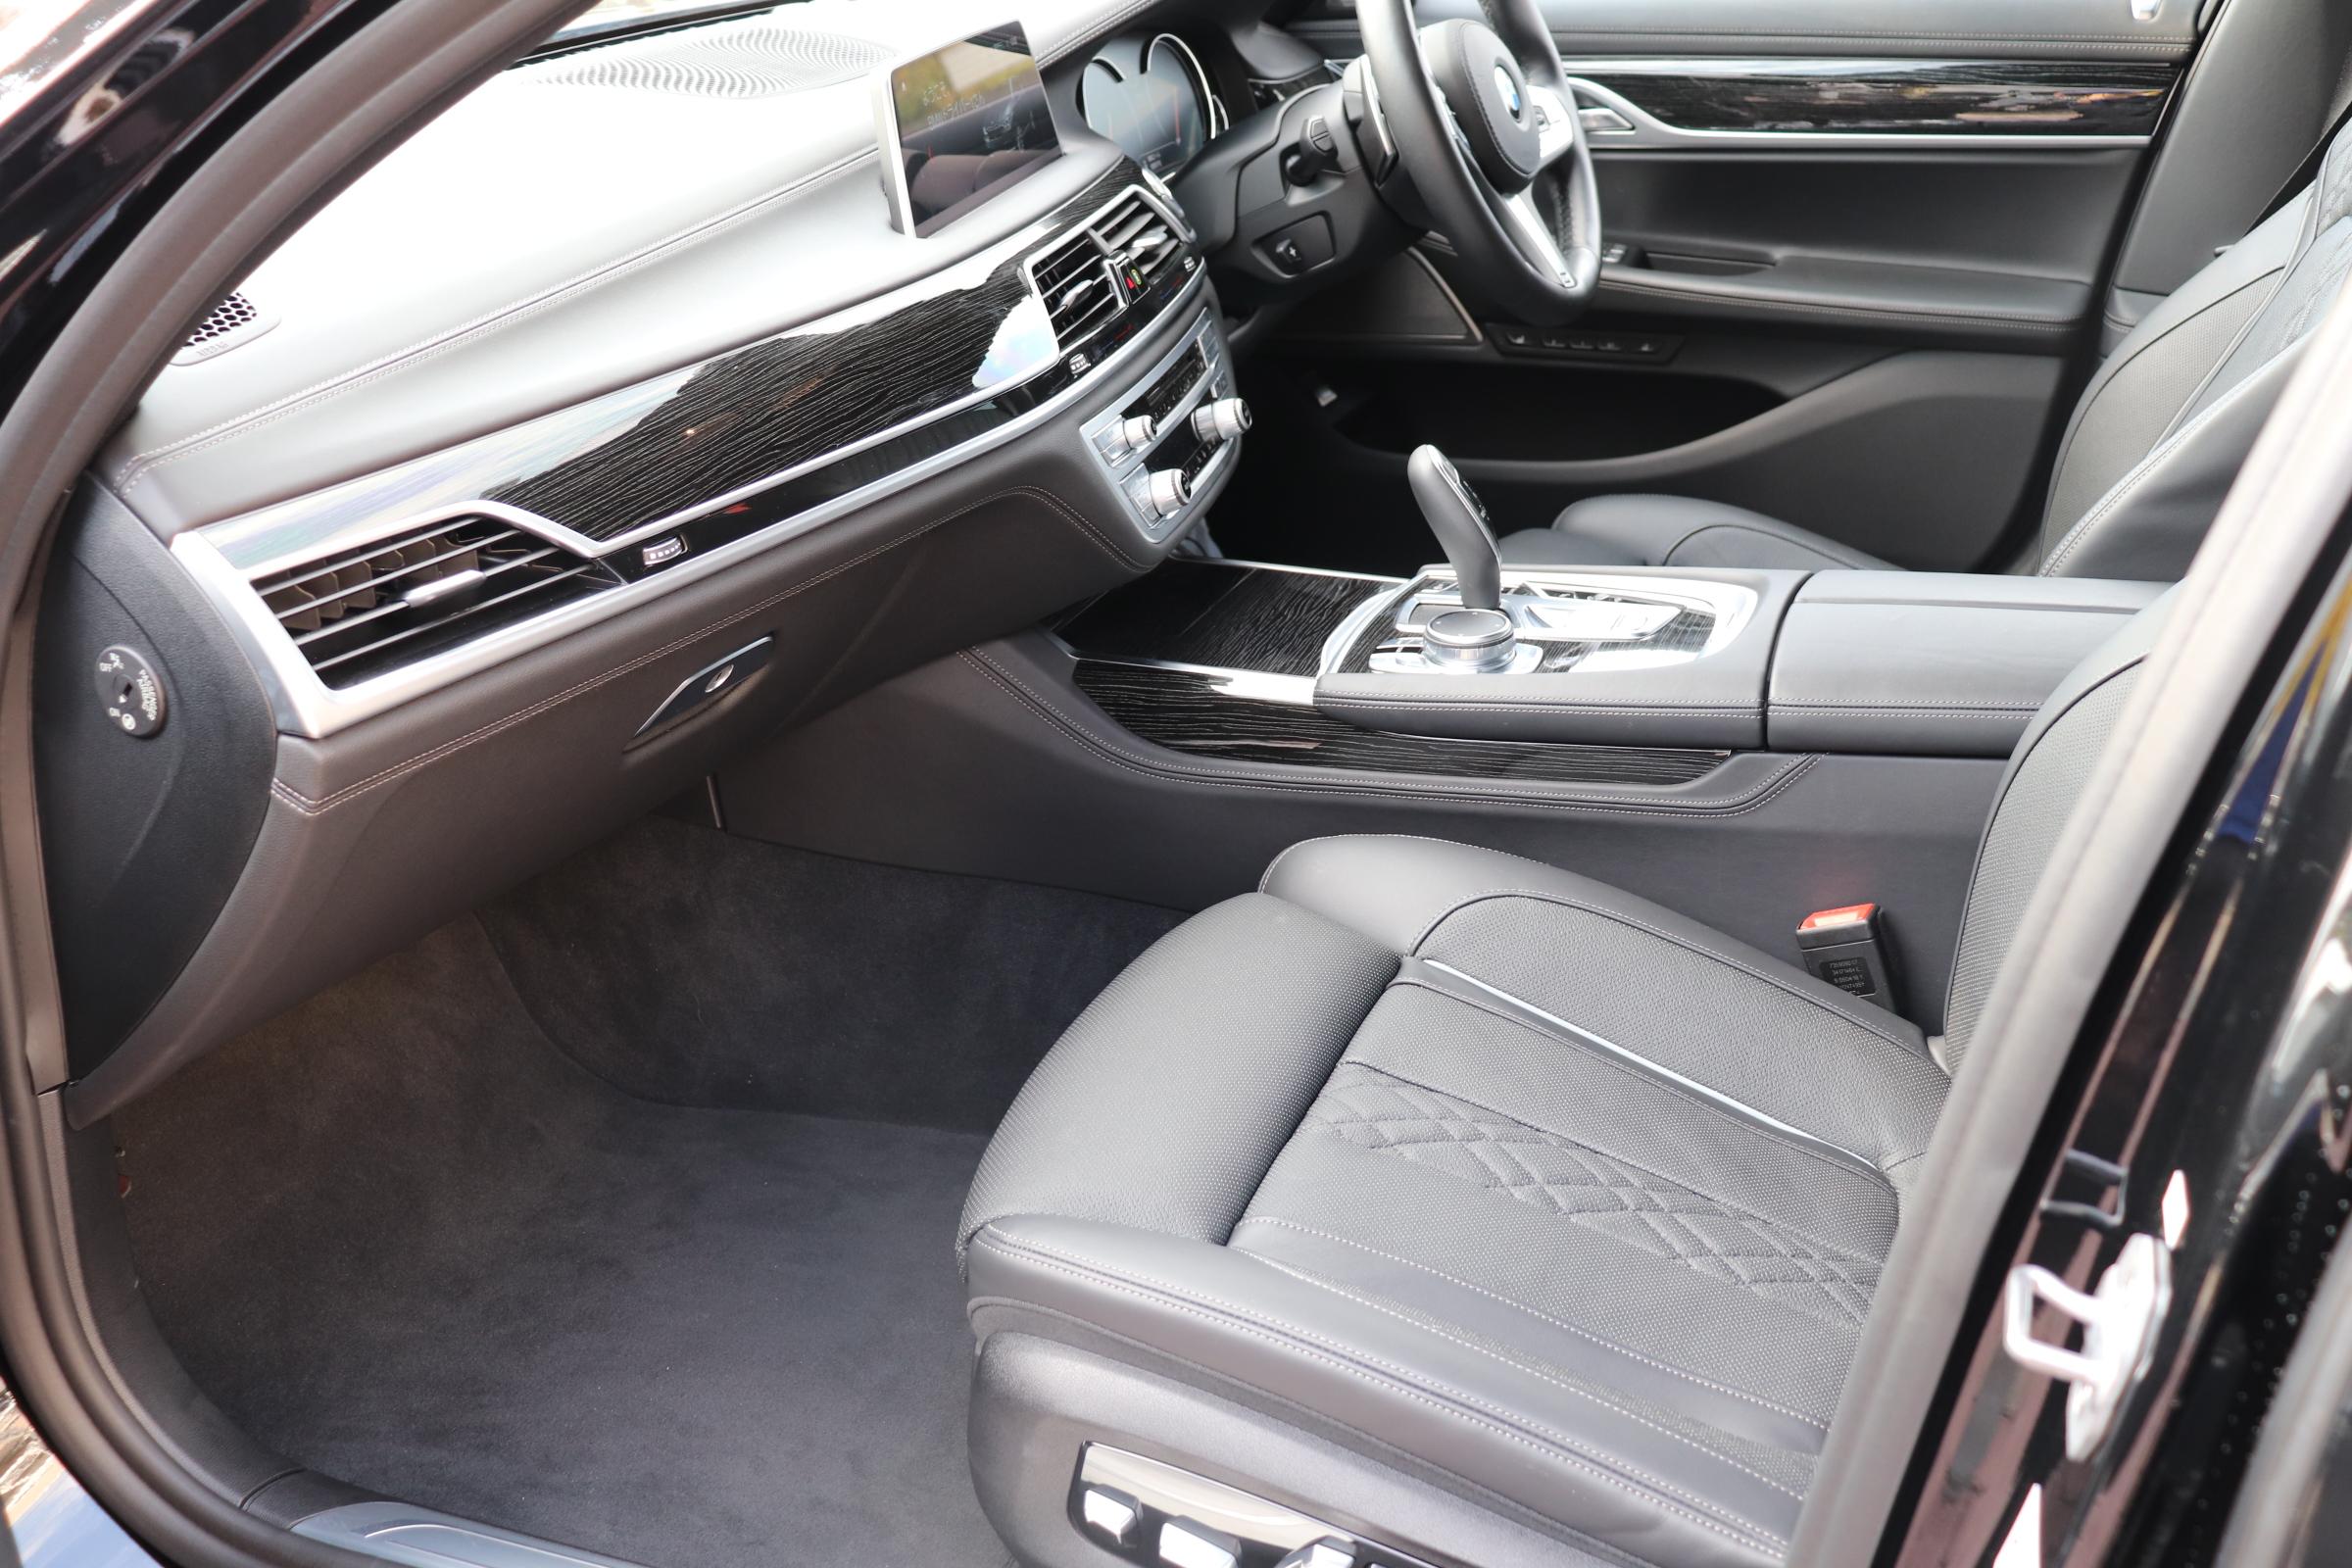 750i Mスポーツ サンルーフ レーザーライト HUD エアサス コンフォートガラス車両画像13